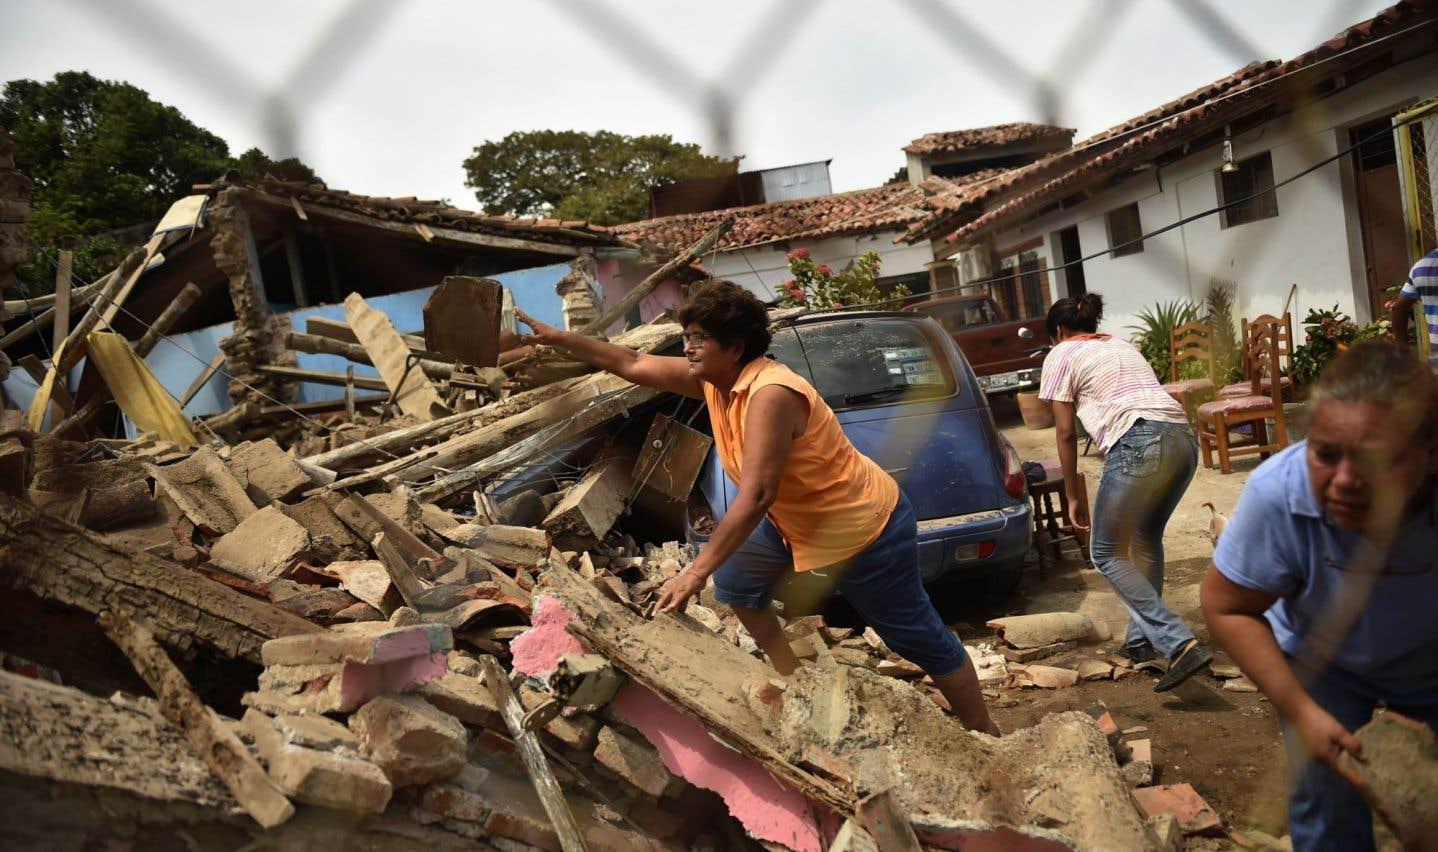 Le tremblement de terre s'est produit jeudi soir à 23h49 locales, surprenant beaucoup d'habitants dans la nuit et faisant resurgir le traumatisme du séisme de septembre 1985, qui avait fait plus de 10000 morts.